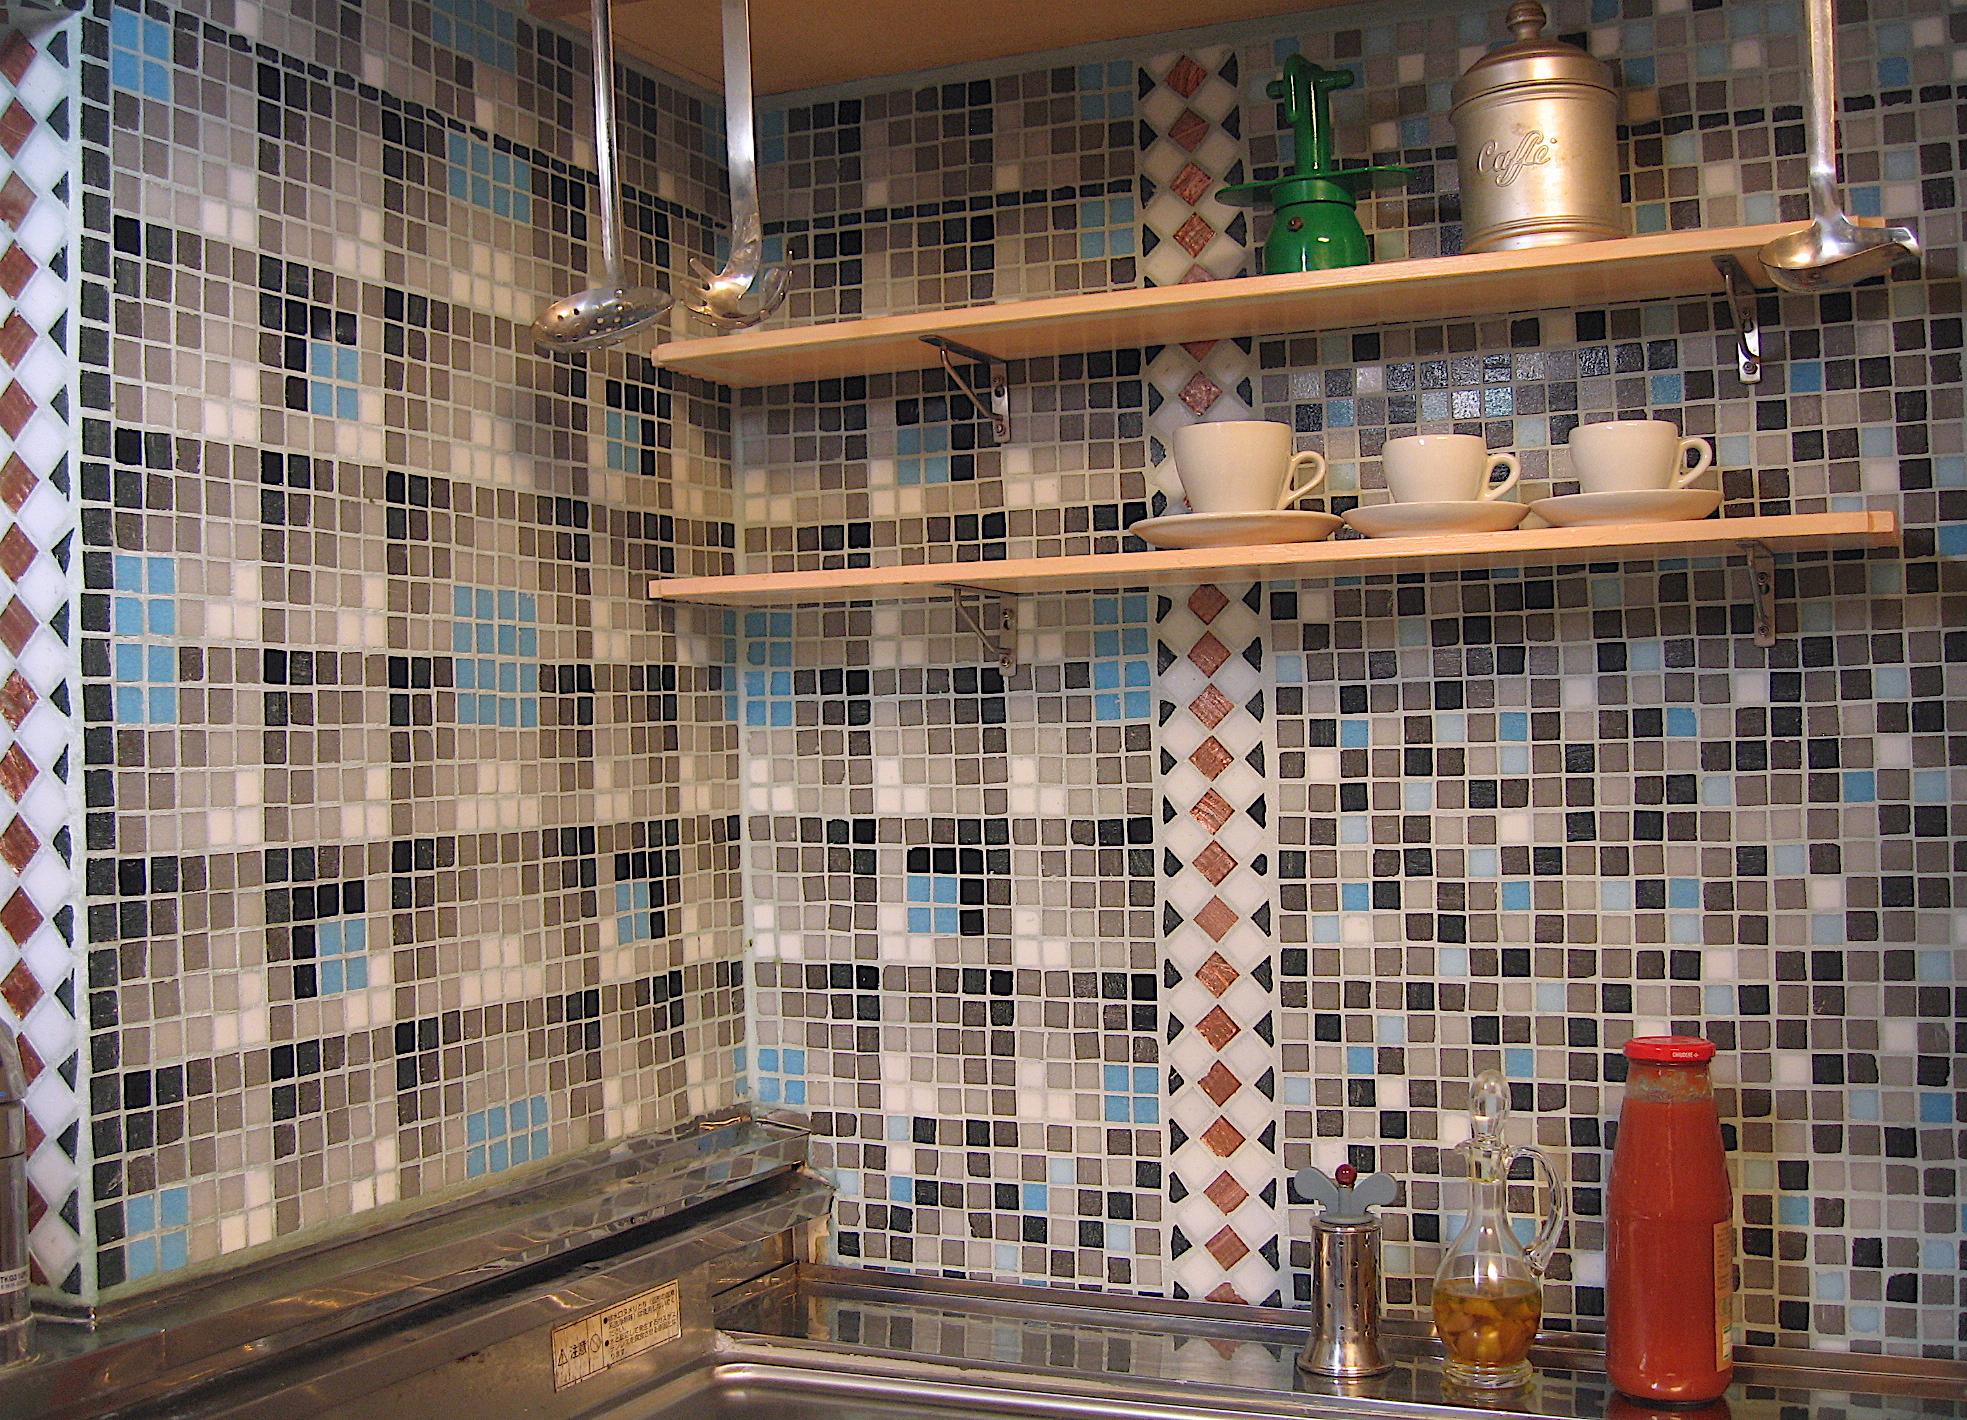 北向き古い台所・モザイクリメイク